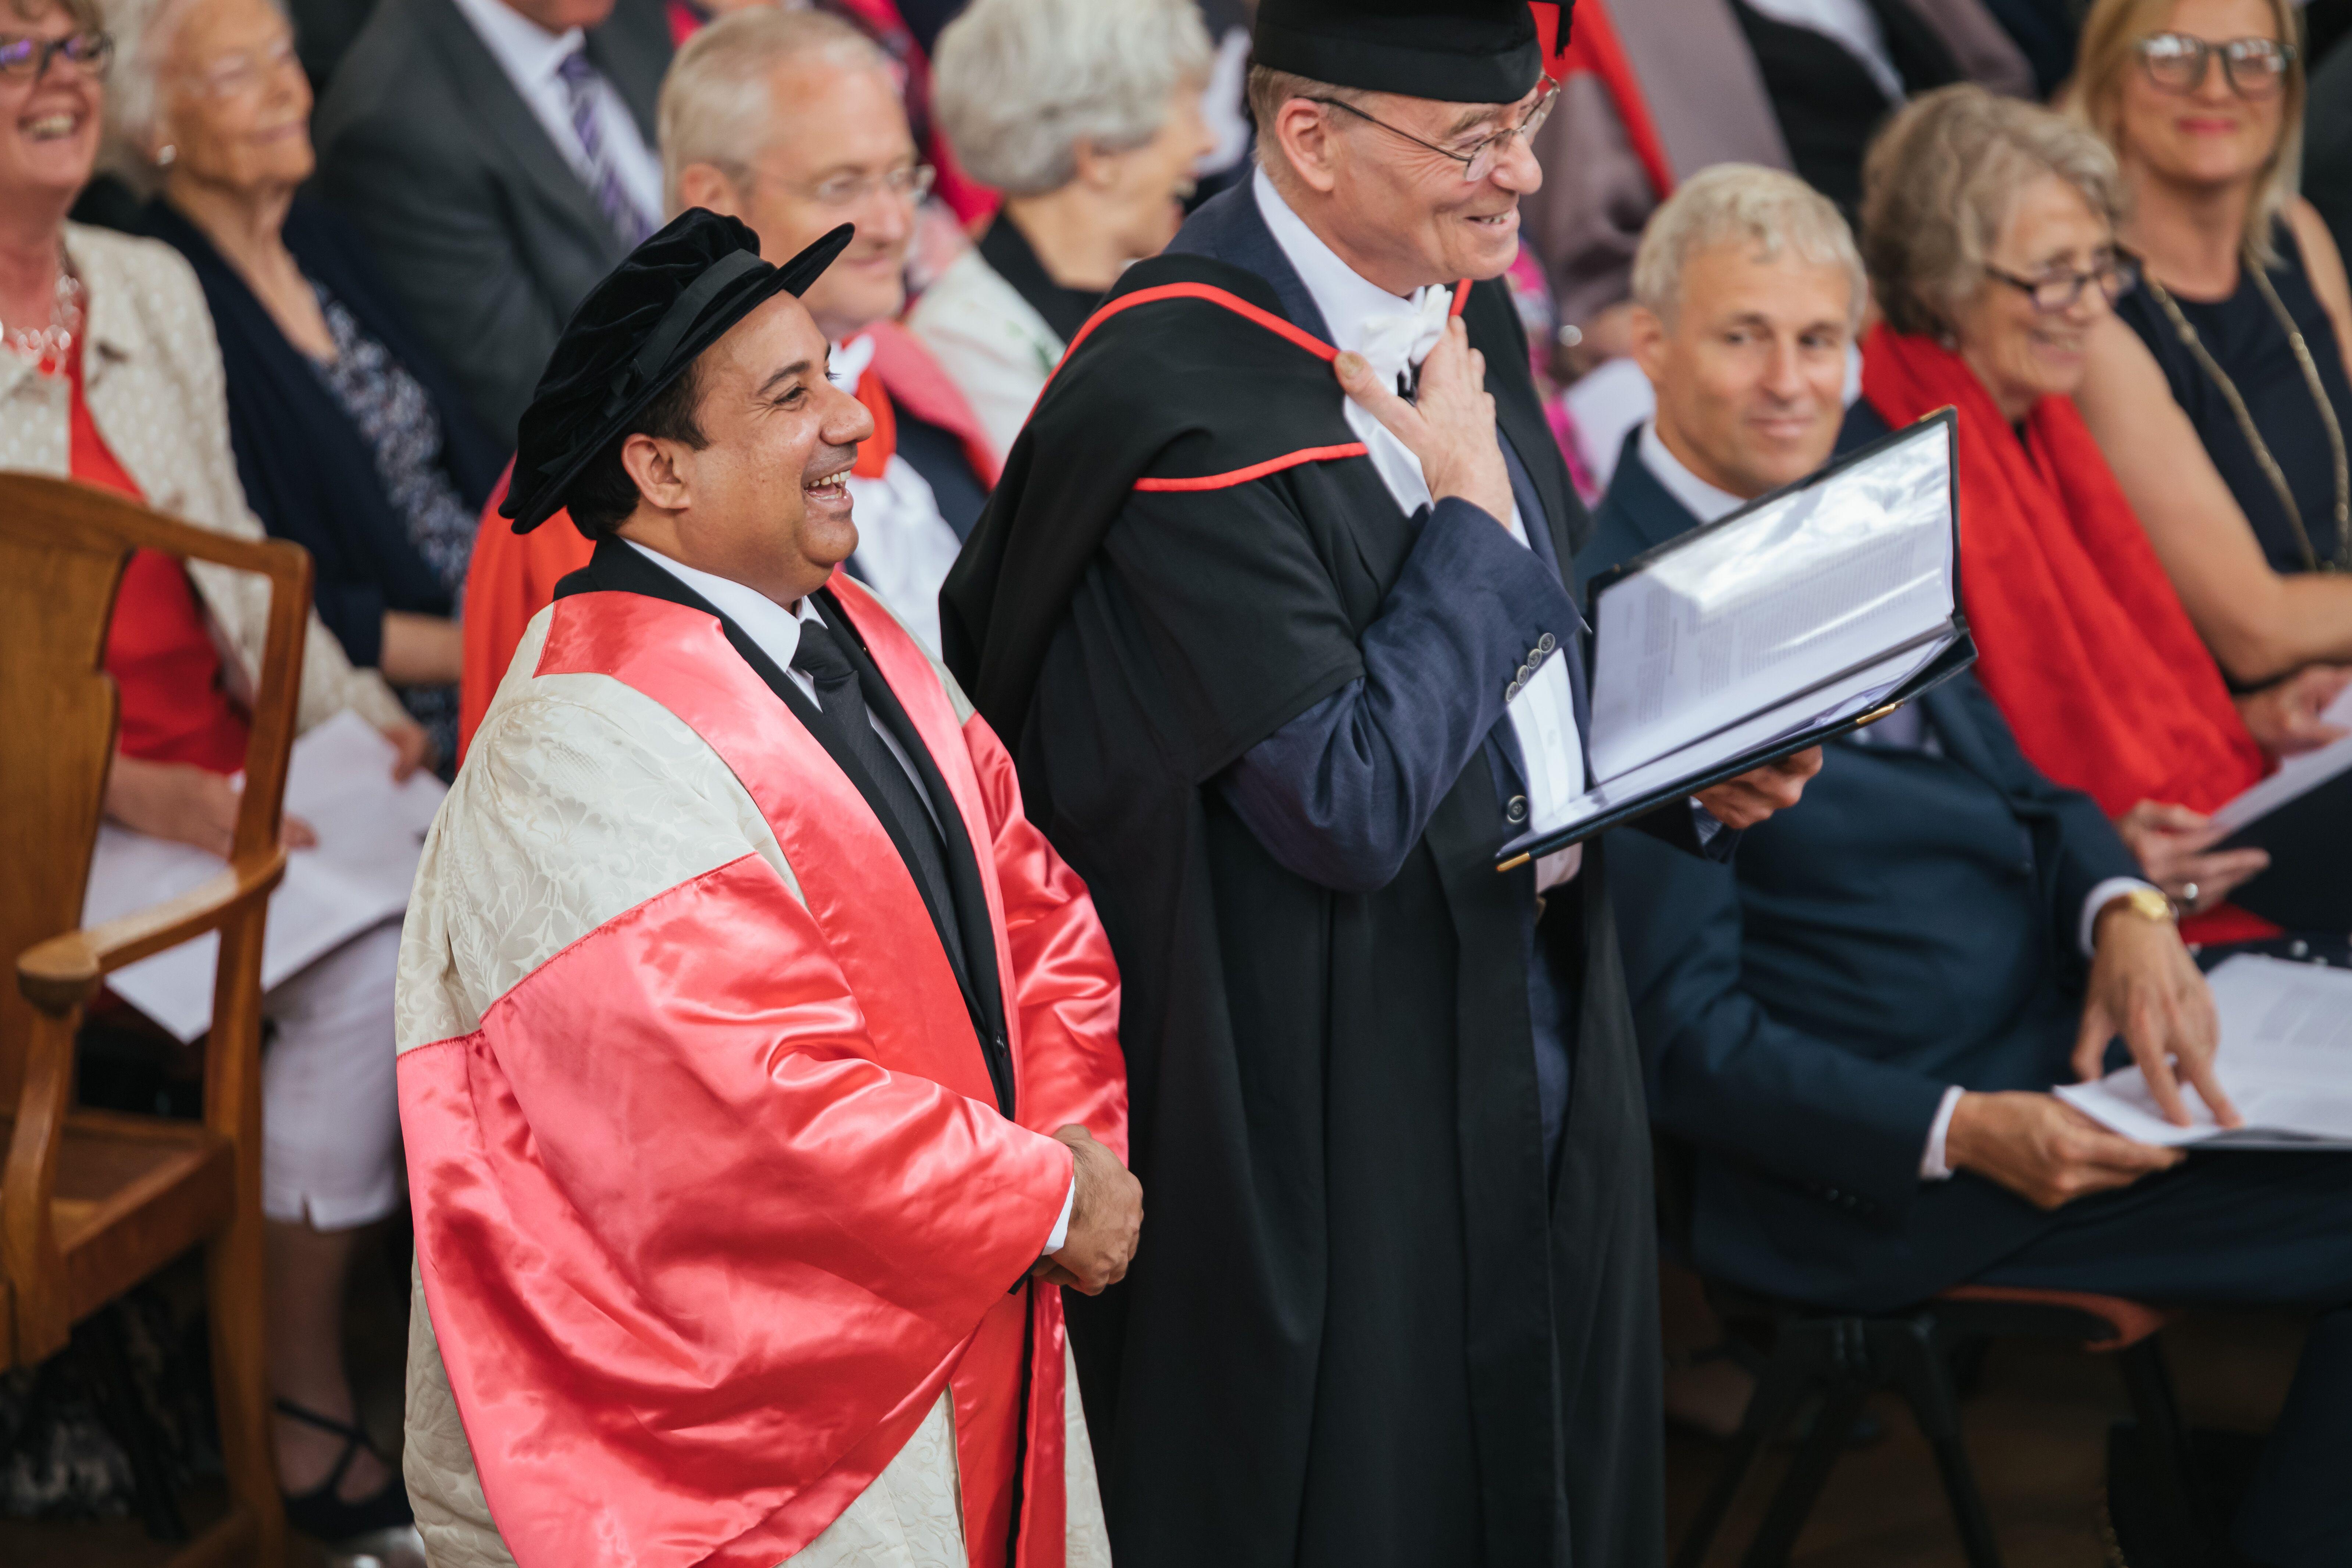 Rahat at Oxford University